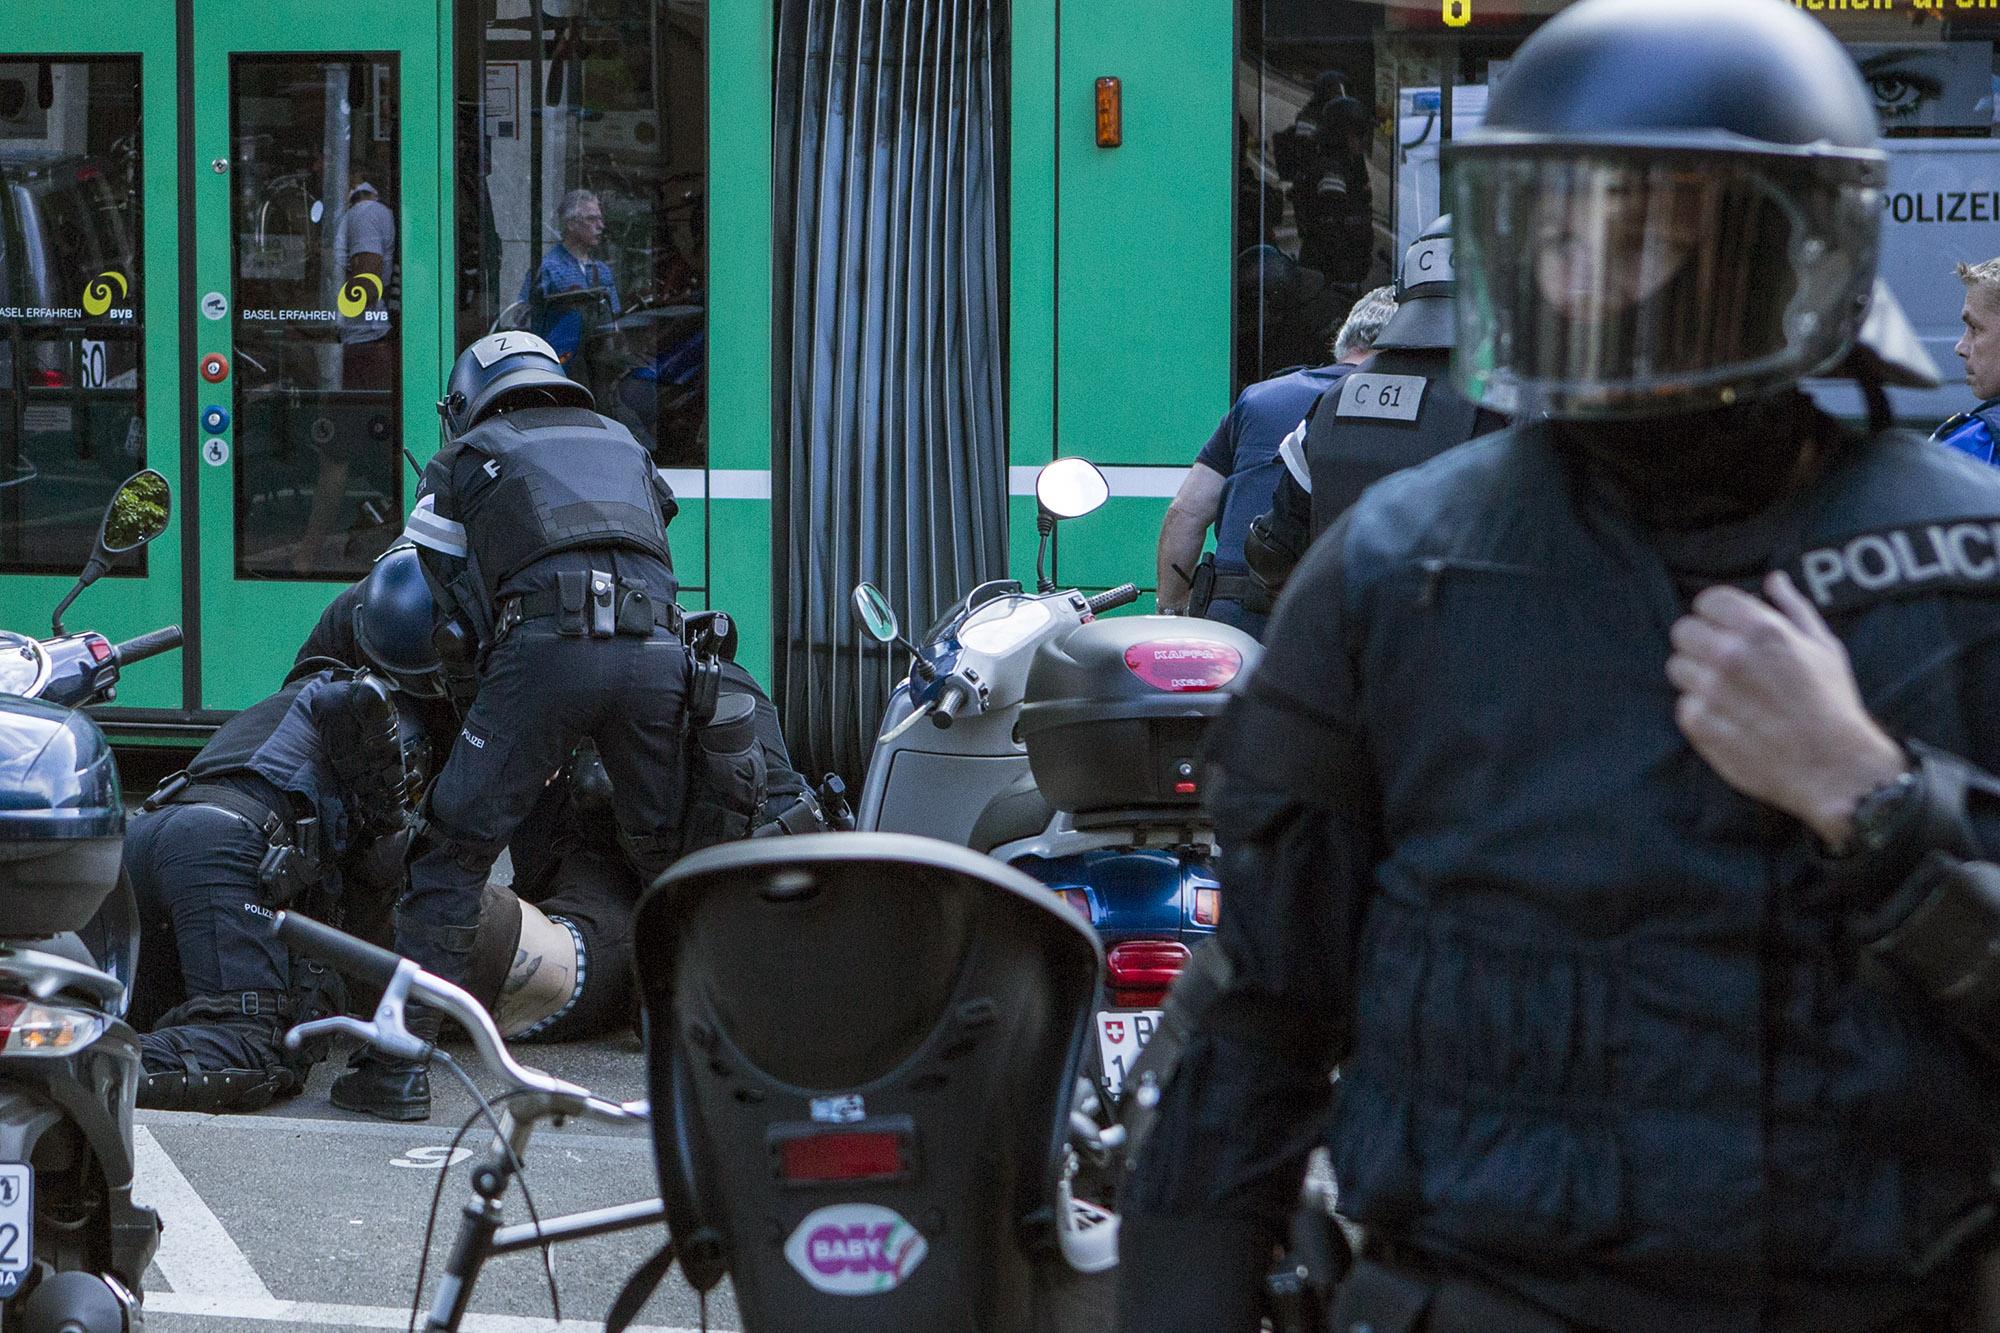 Bloss keinen Mucks machen: Wer sich mit der Basler Polizei anlegt, muss mit Knast und Anklagen rechnen.